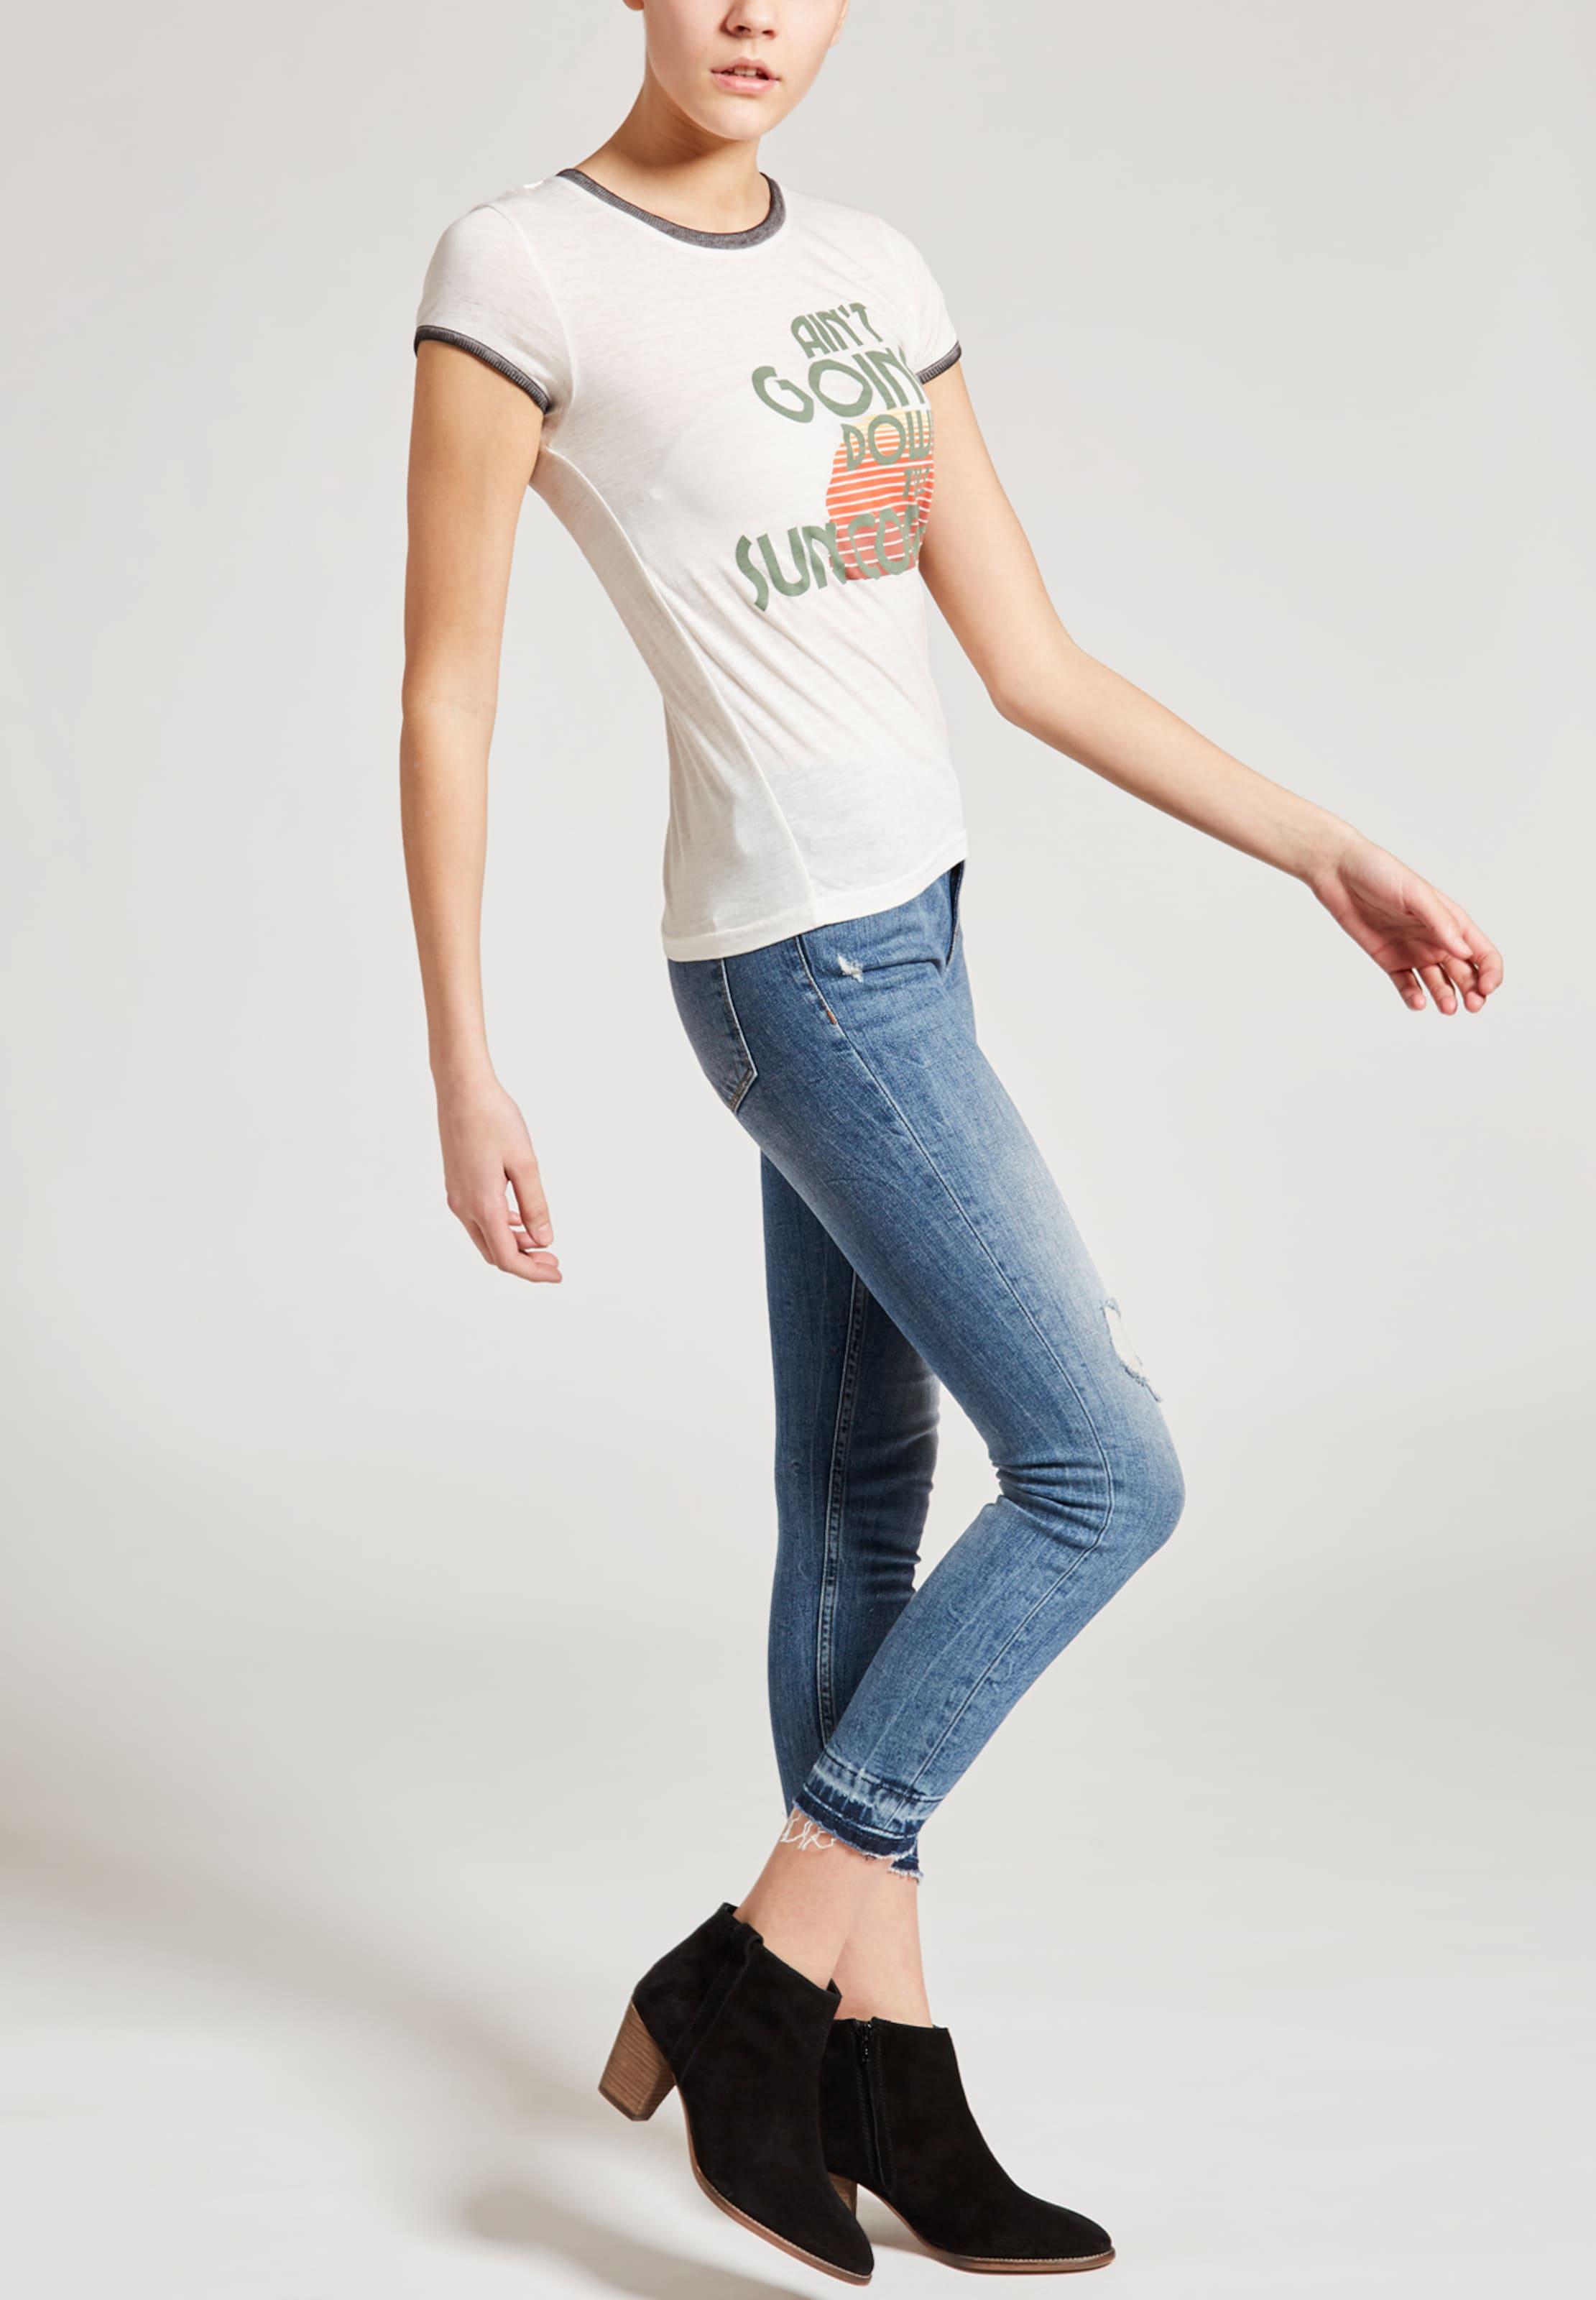 khujo Shirt 'MOLLY_SUN' Günstig Kaufen Spielraum Günstig Kaufen Footlocker Bilder Spielraum Billig Spielraum Mit Paypal KO3iFFWyk